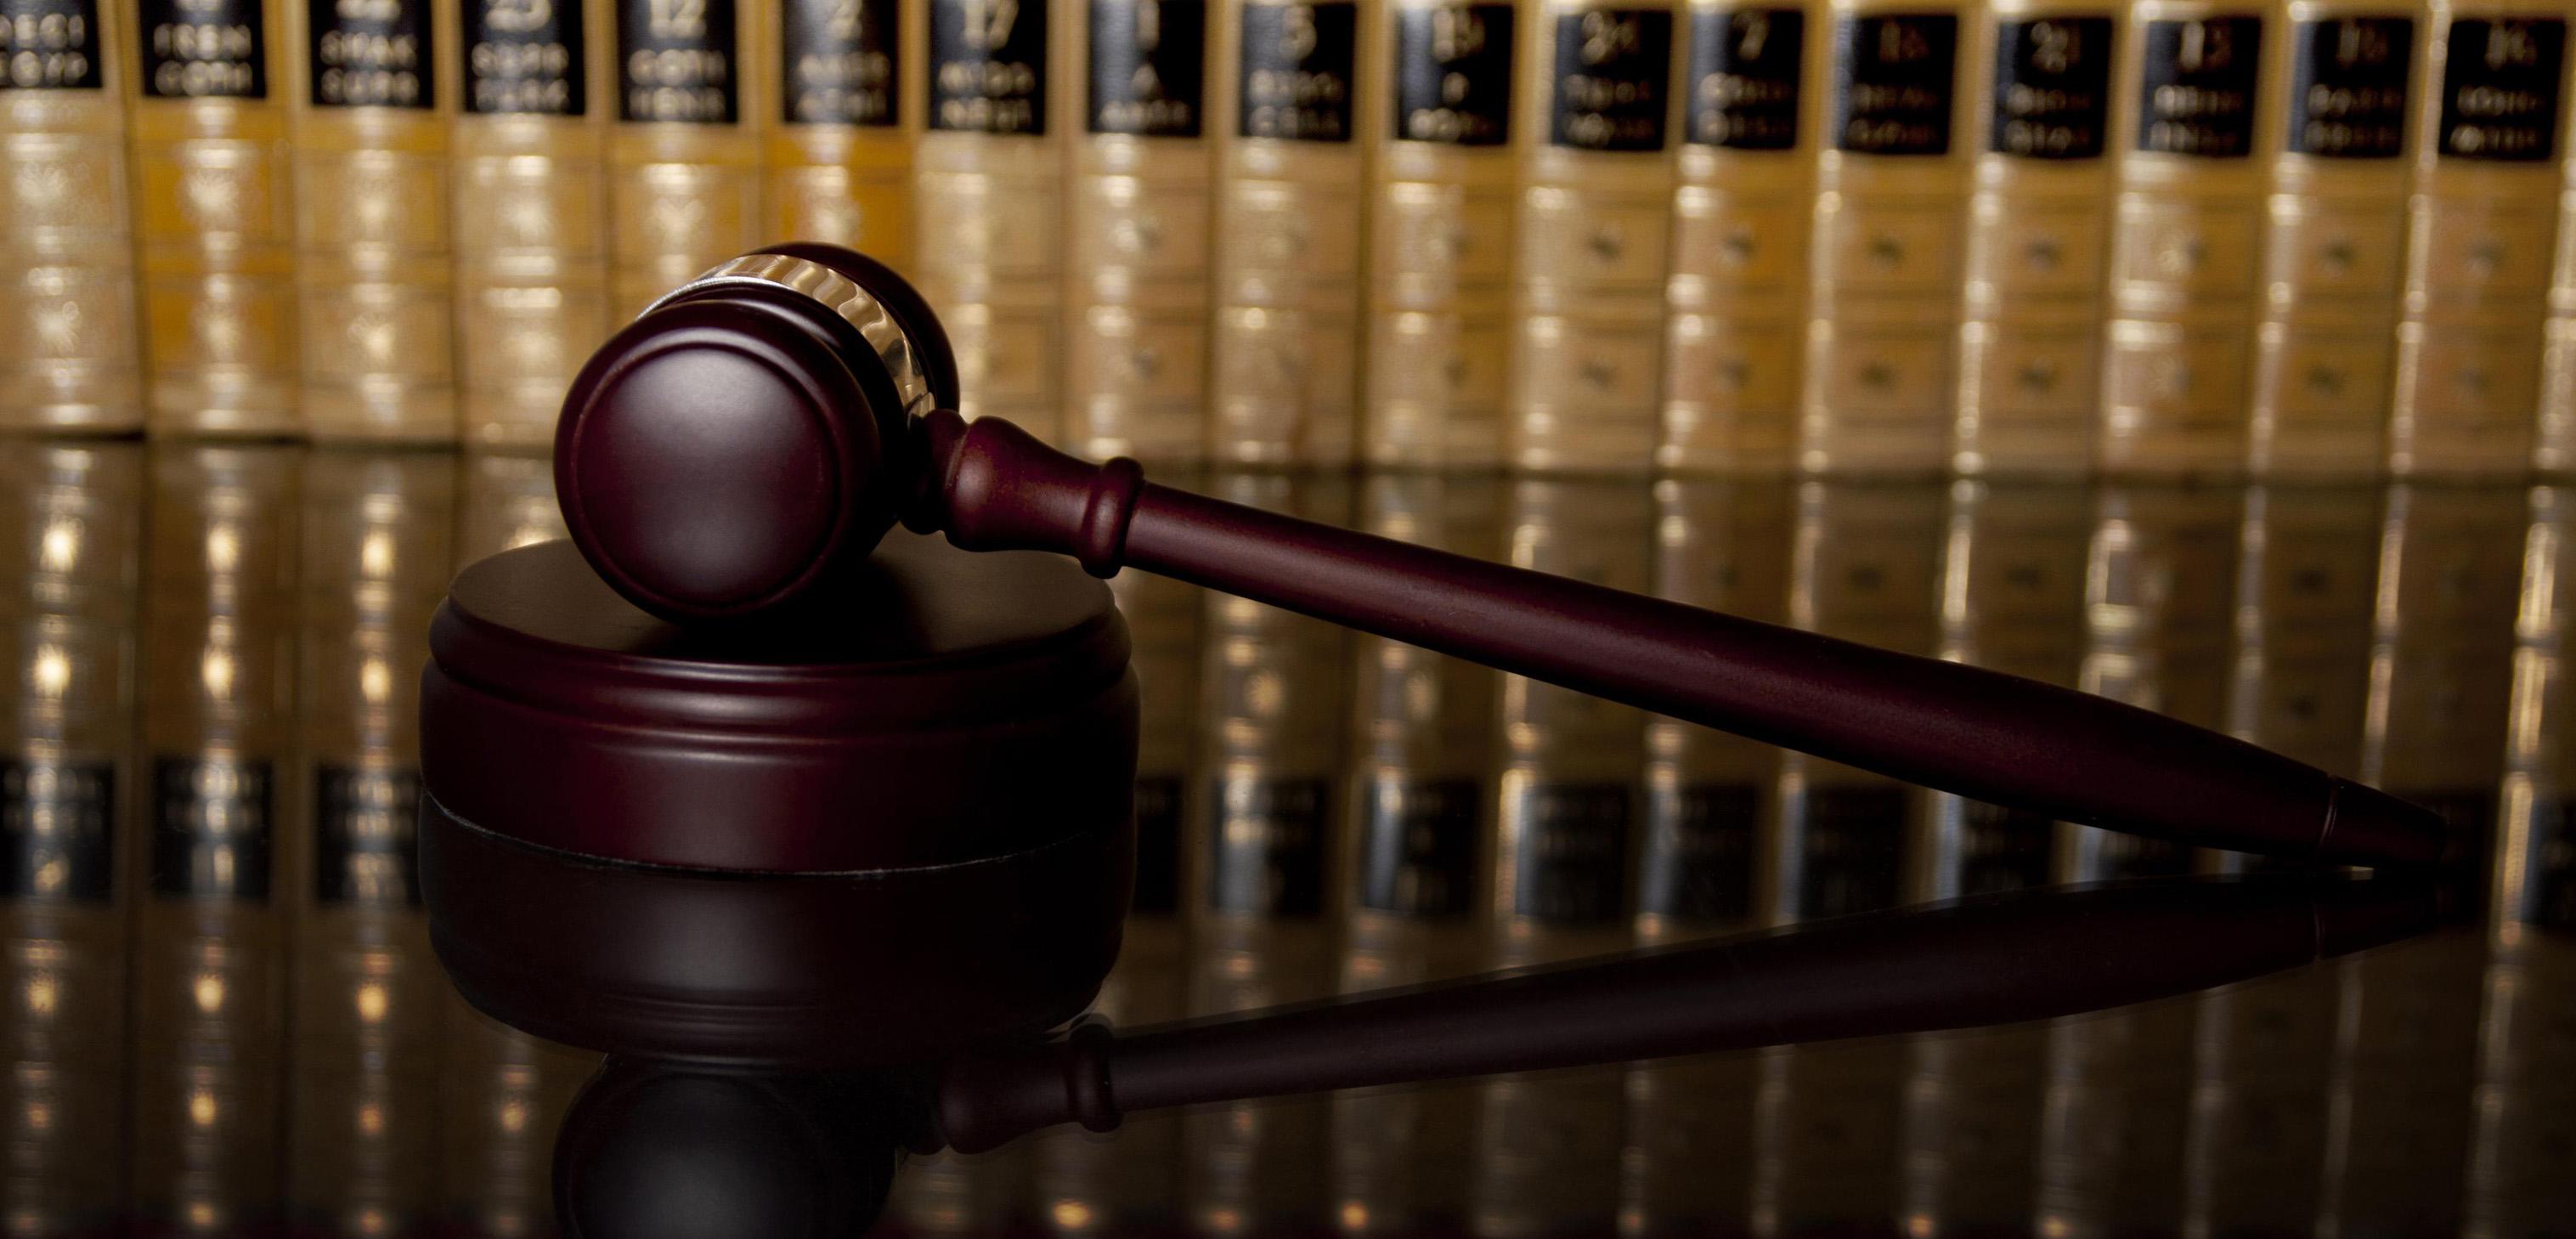 mid pro divorce legislation faces - HD3032×1458